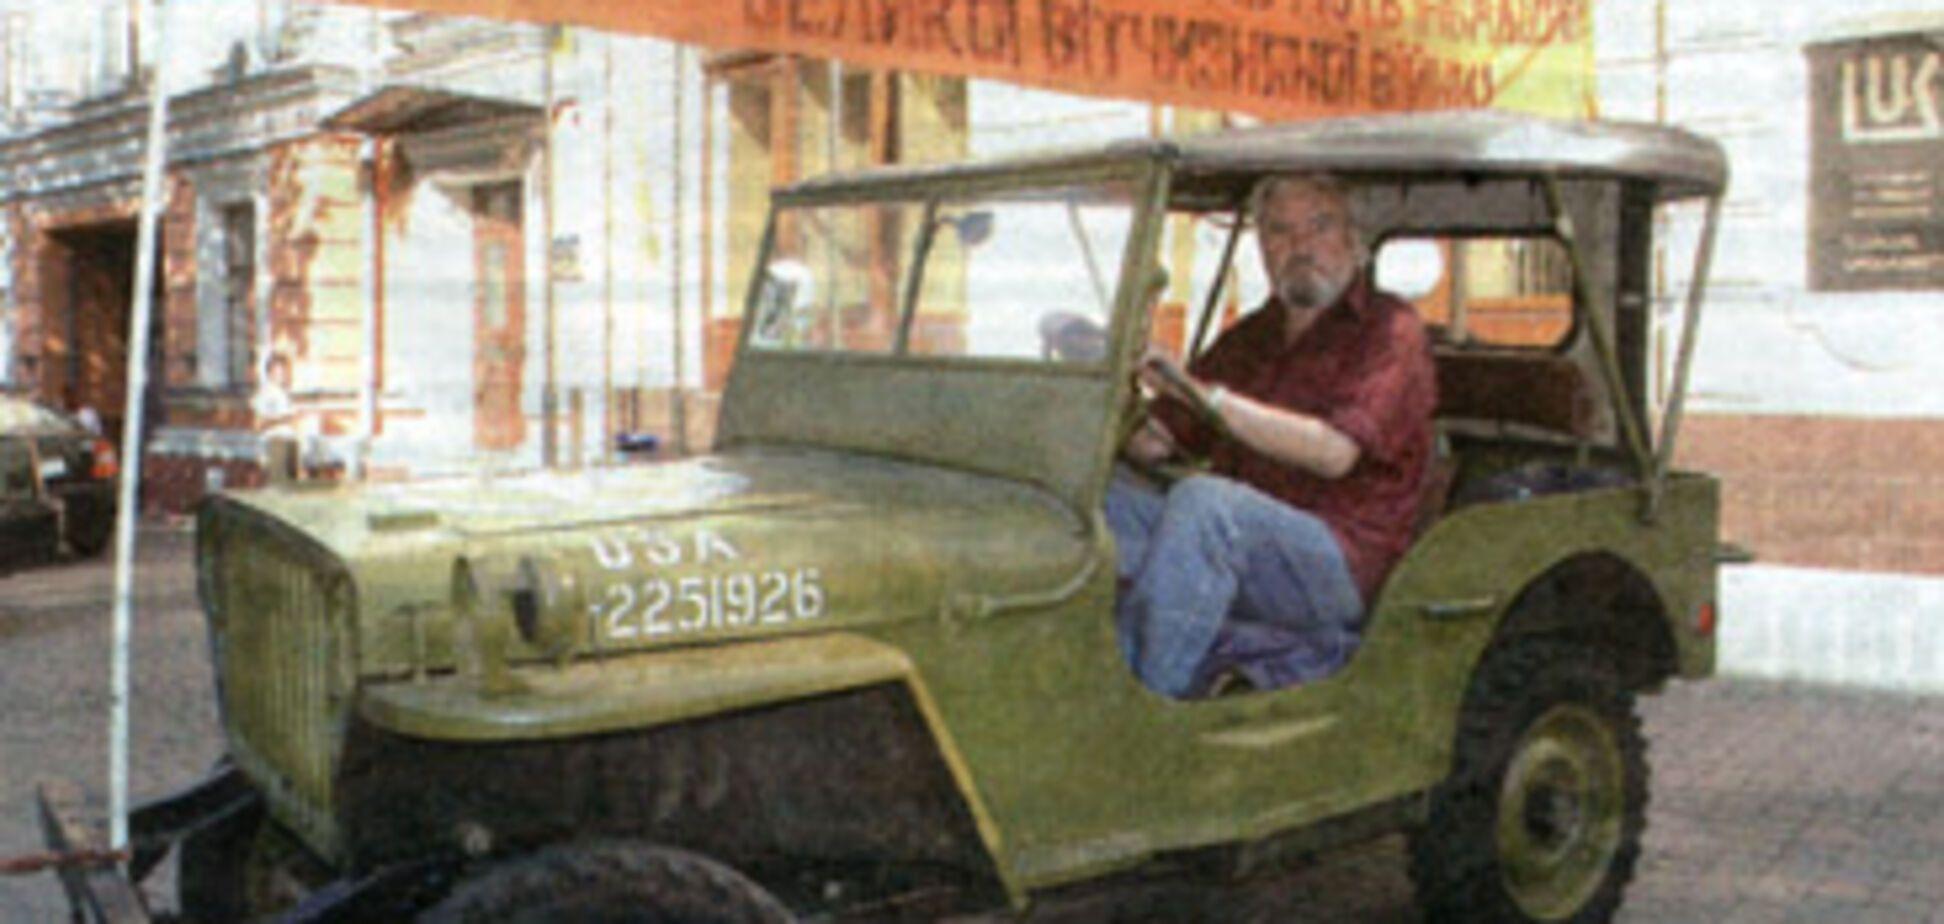 Ветеран на броньовику влаштував акцію протесту проти подорожчання бензину